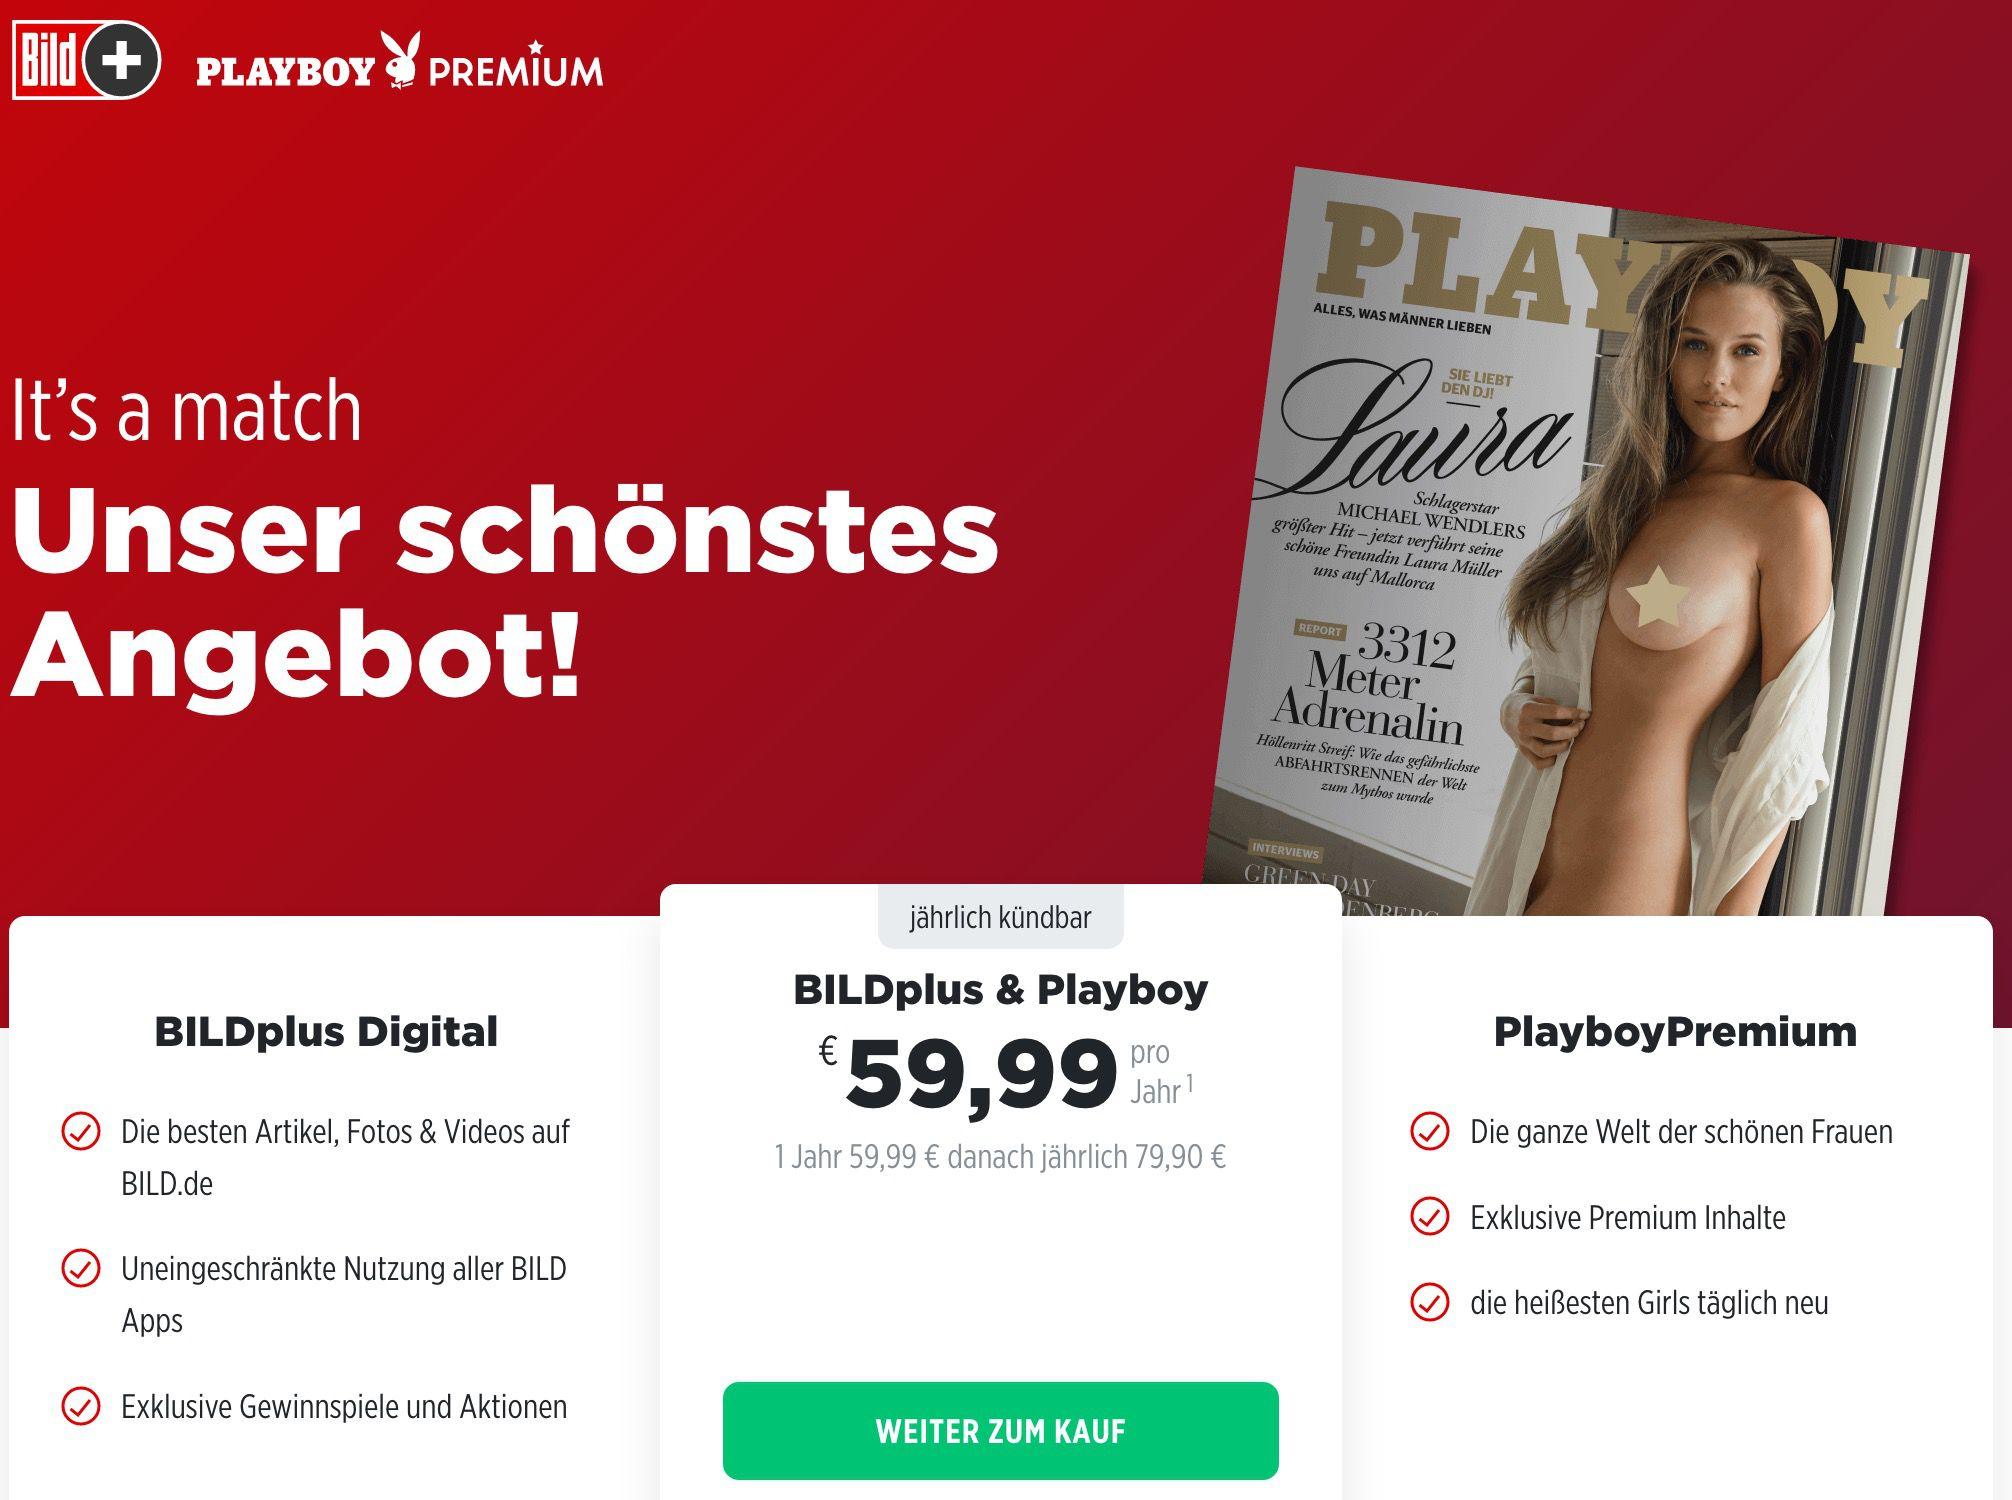 1 Jahr BILDplus Digital & Playboy Premium nur 59,99€ (statt 220€)